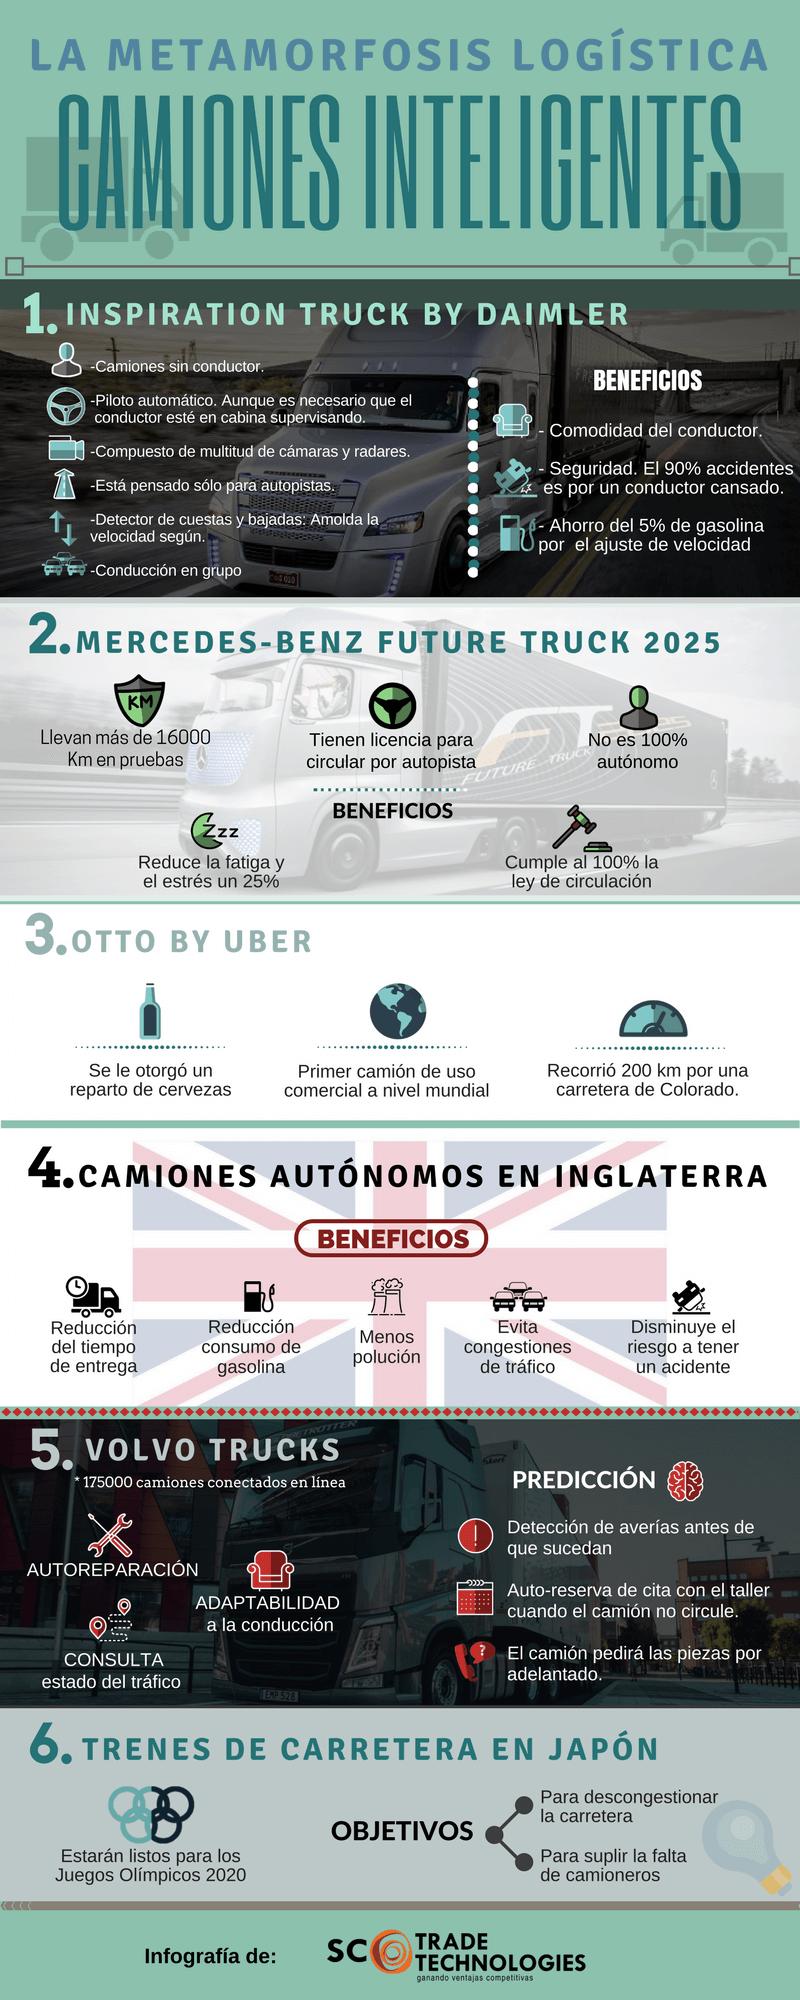 Camiones Inteligentes, la metamorfosis de la logística